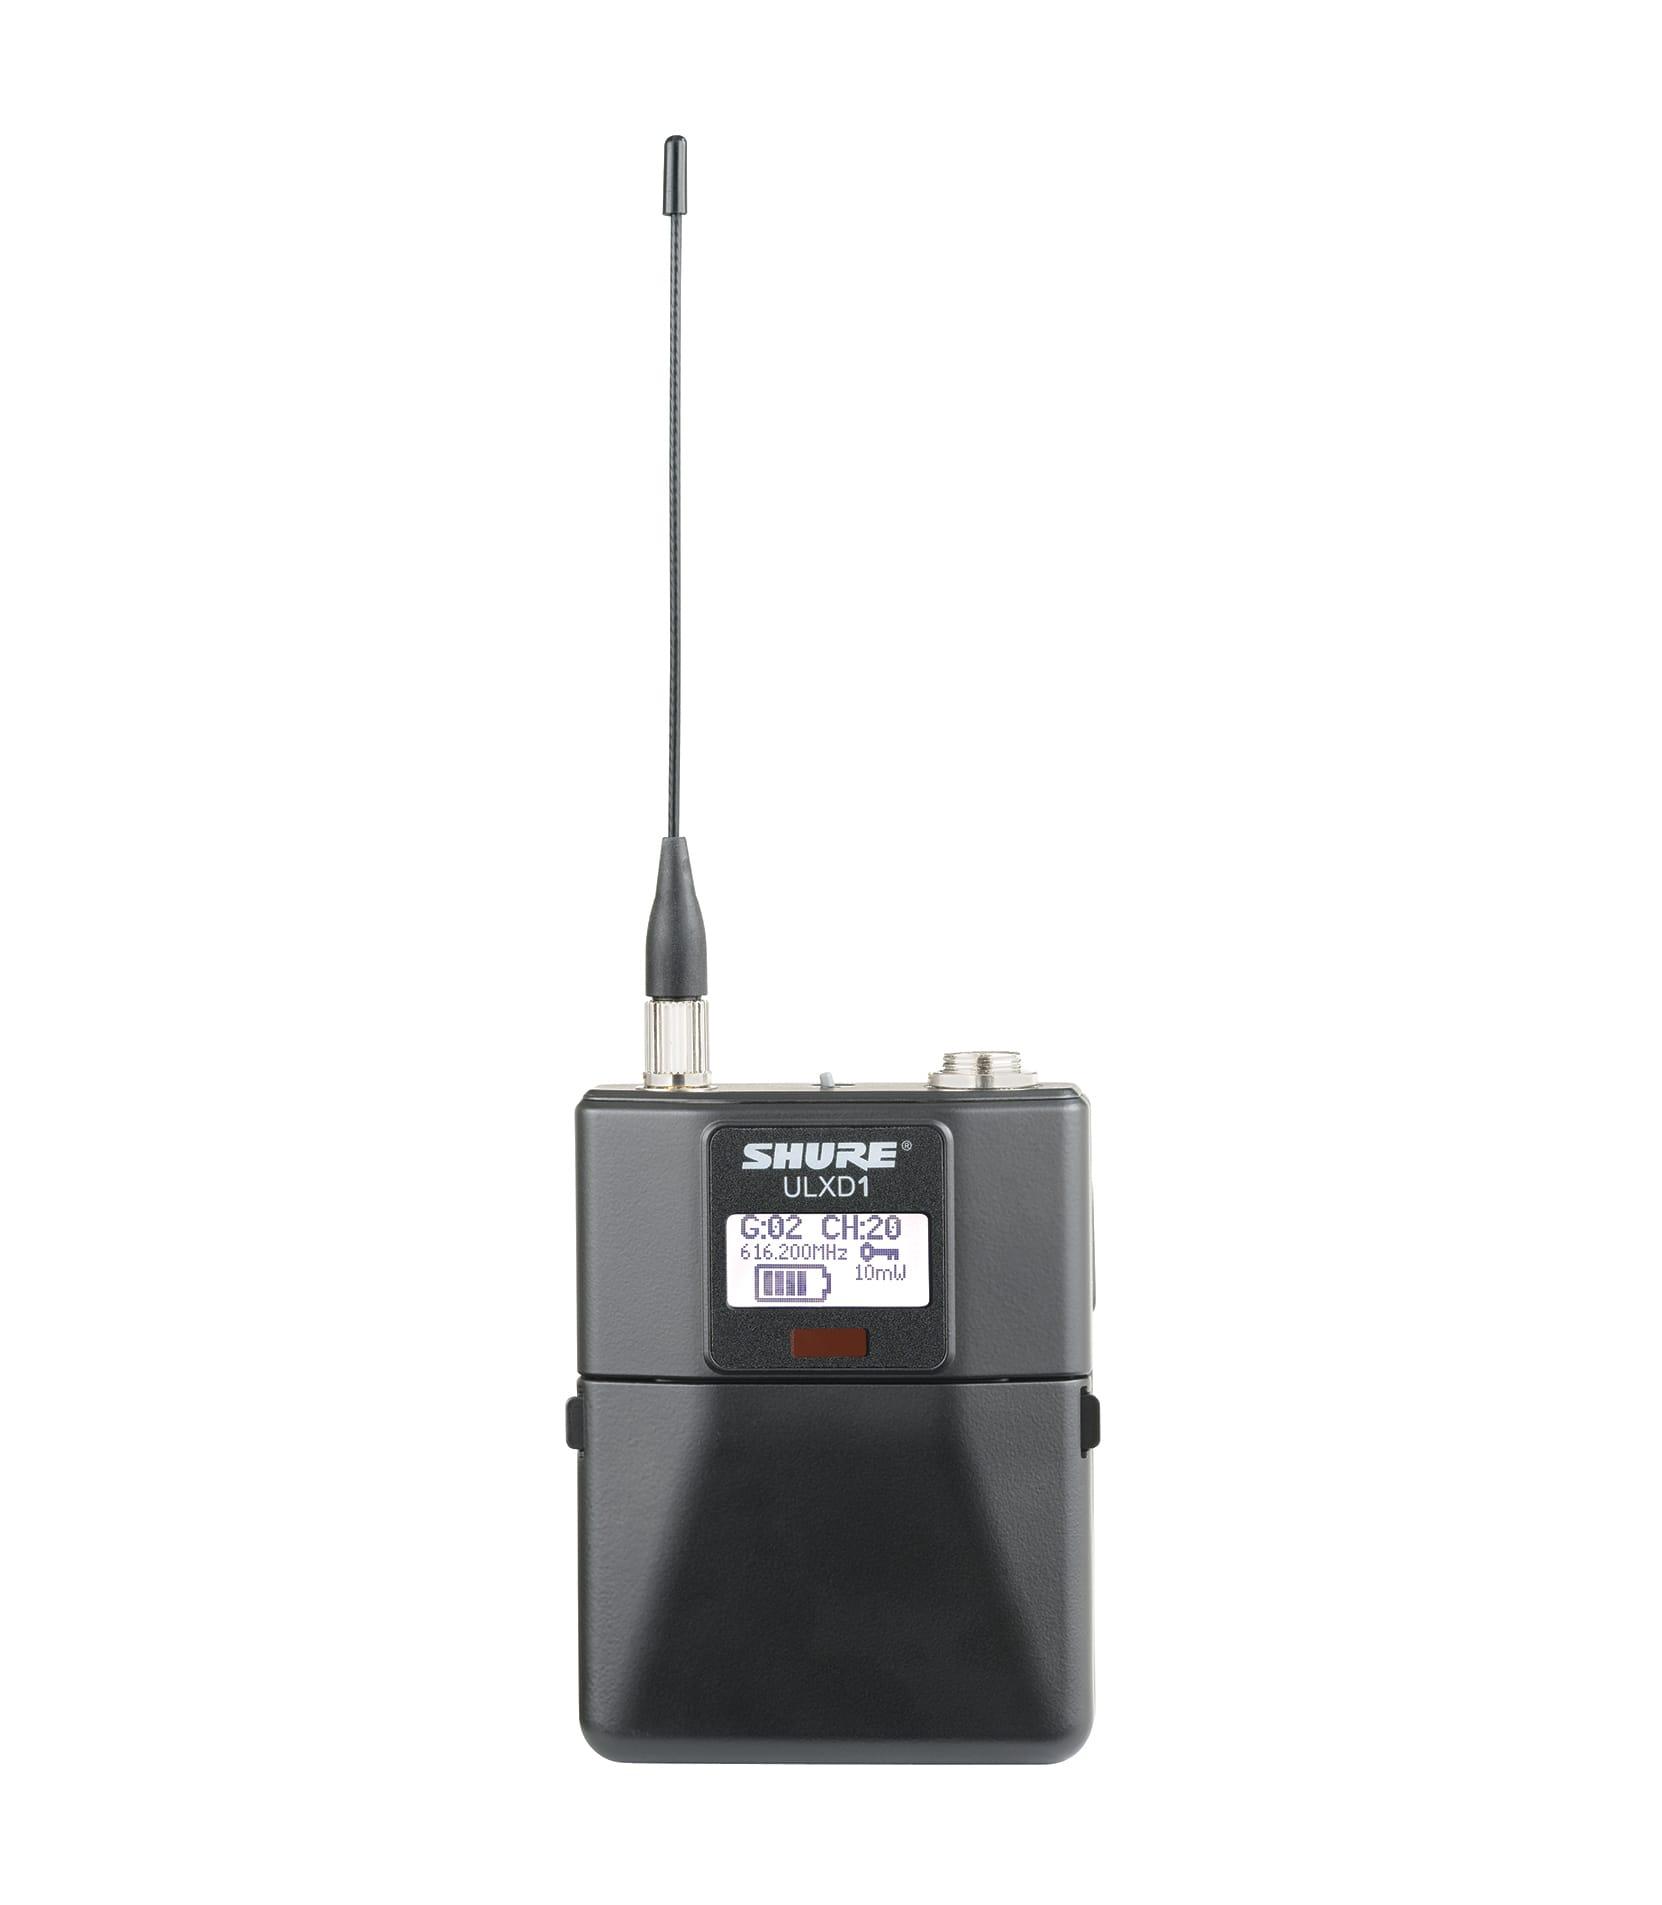 ULXD1 K51 Bodypack Transmitter